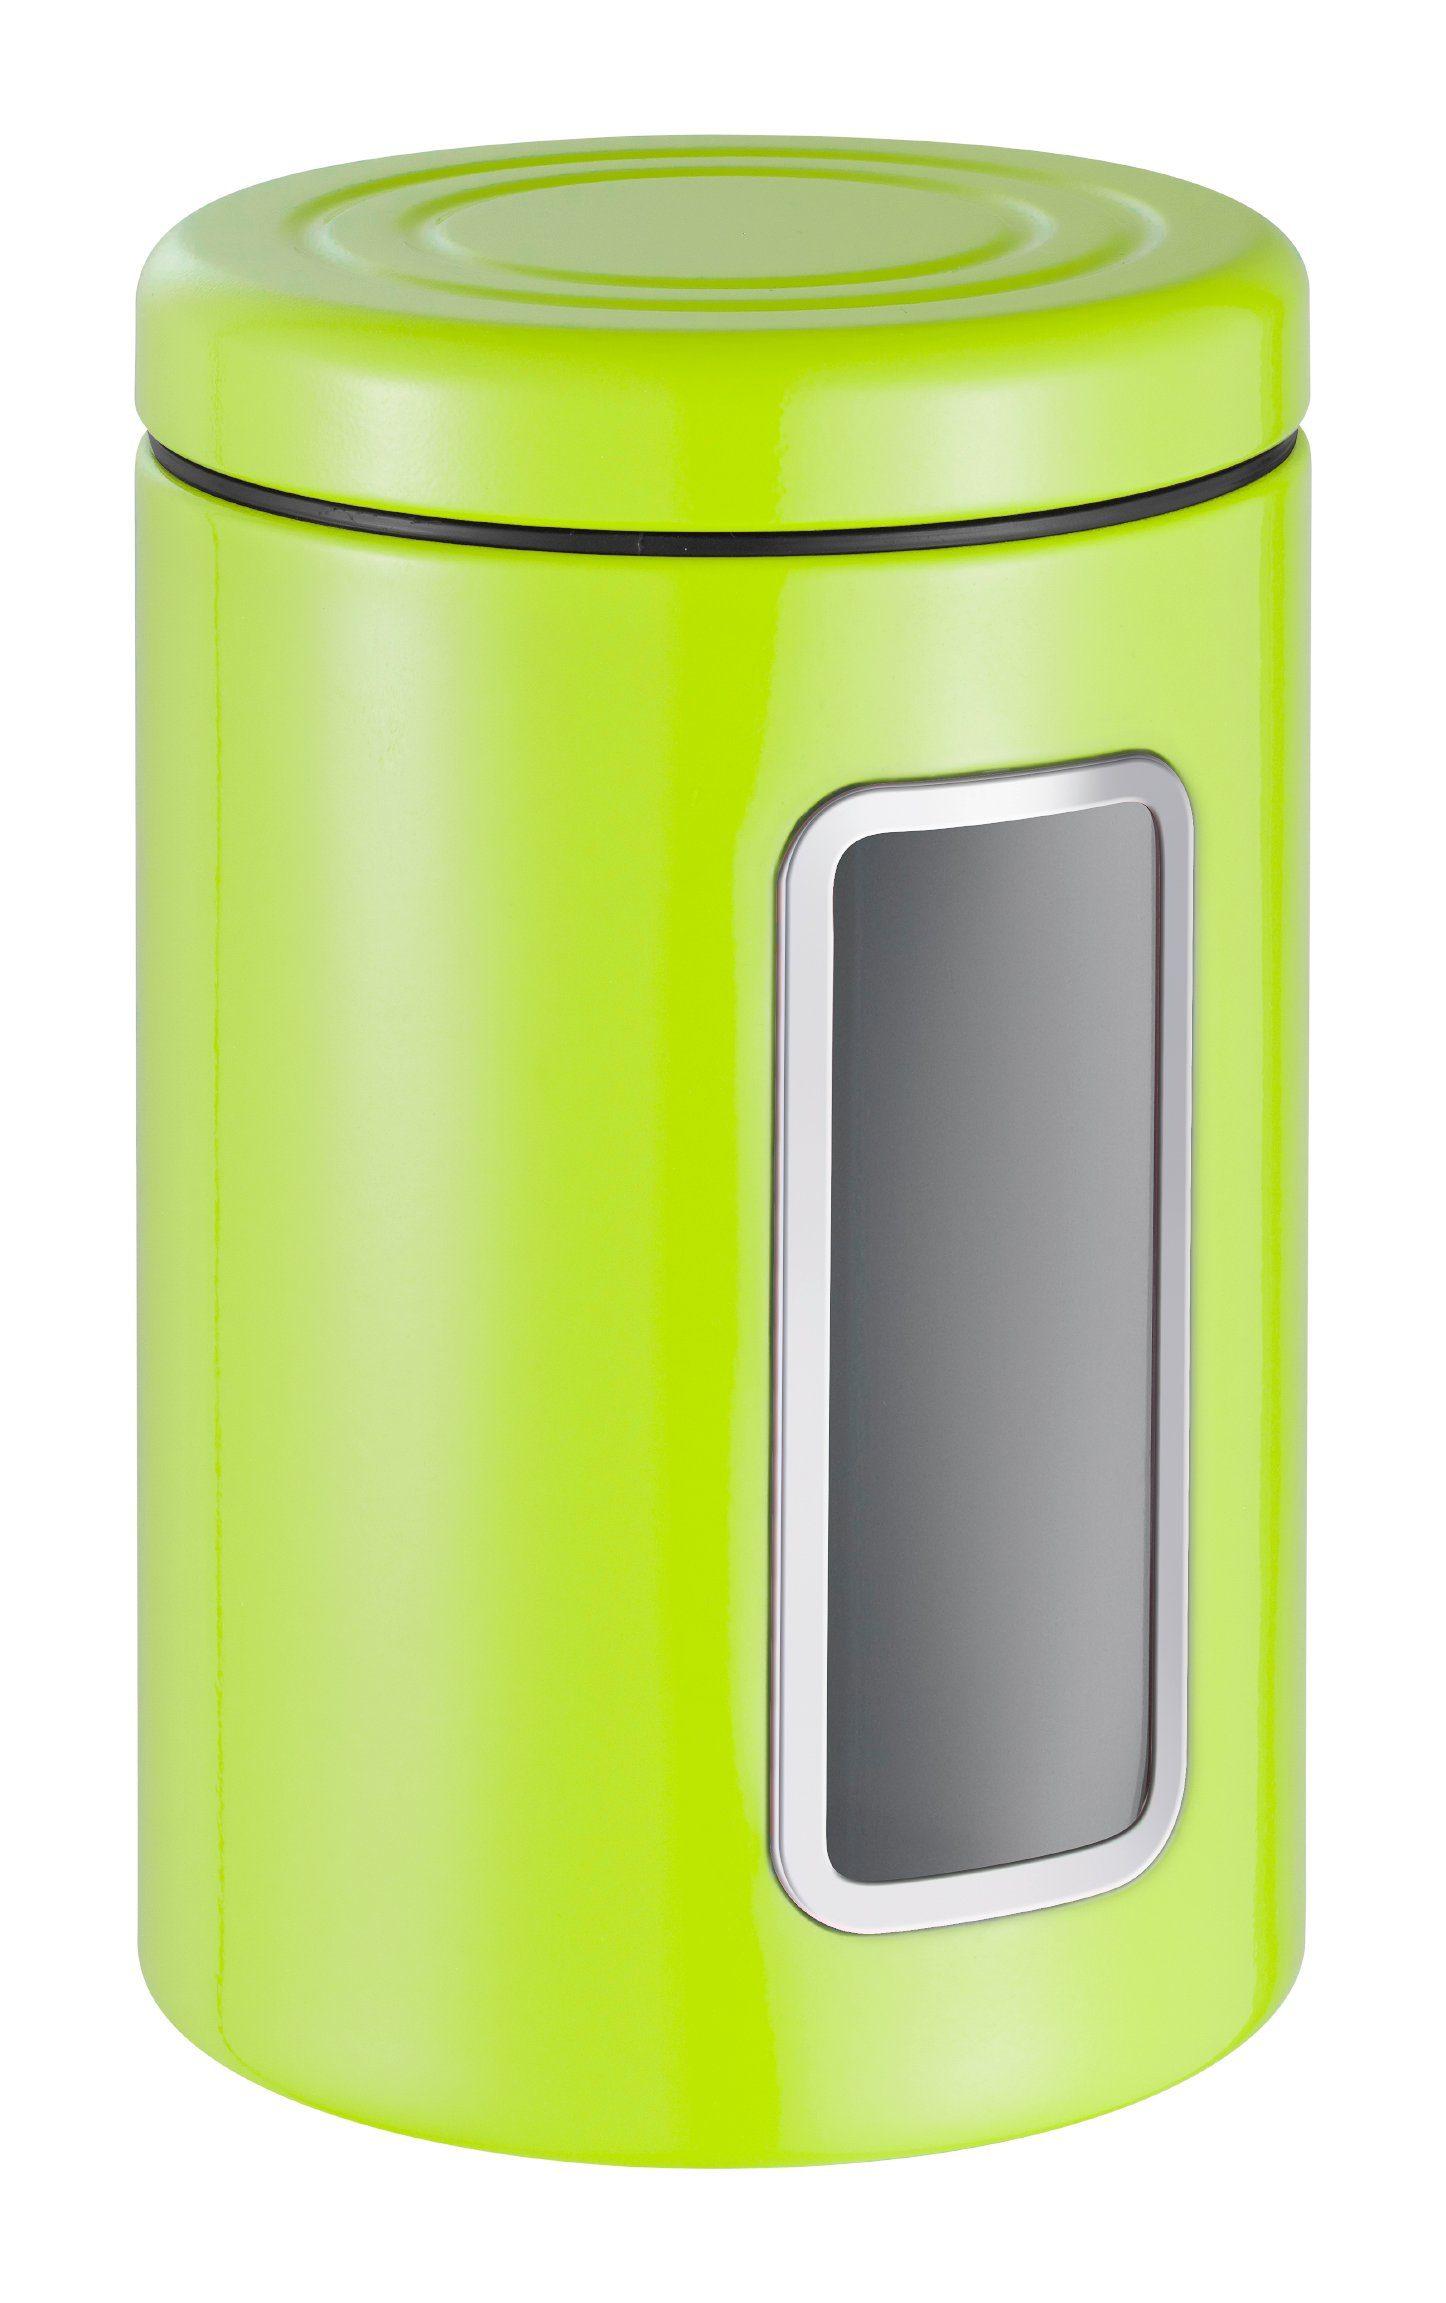 WESCO Vorratsdose CL Wohnen/Haushalt/Haushaltswaren/Küchenhelfer/Aufbewahrung/Vorratsdosen